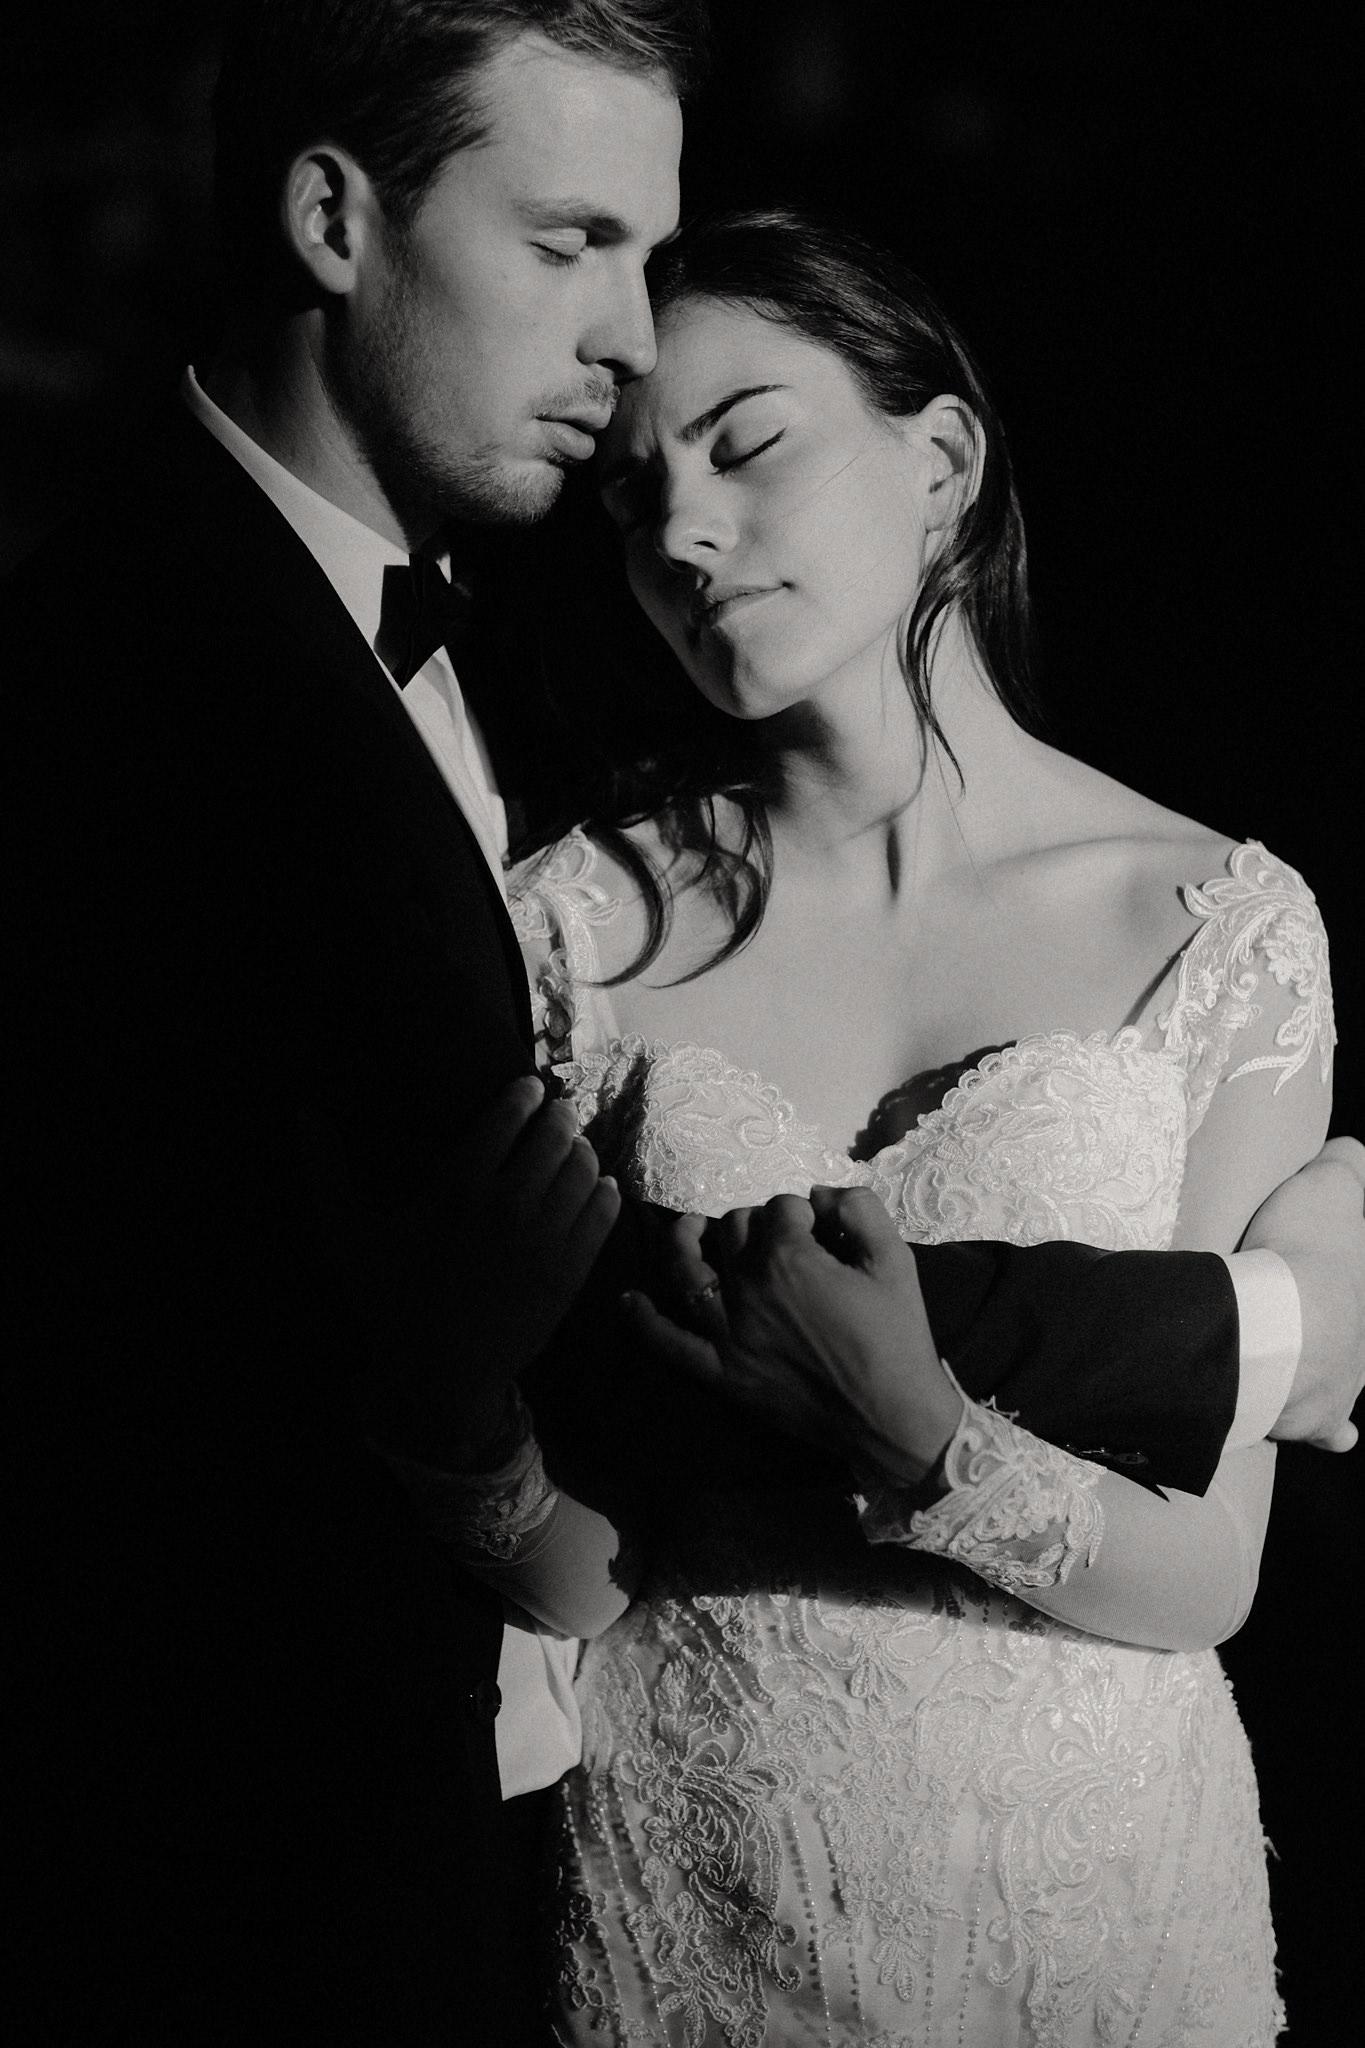 mindy-michael-cascade-mountains-elopement-wedding-50.jpg